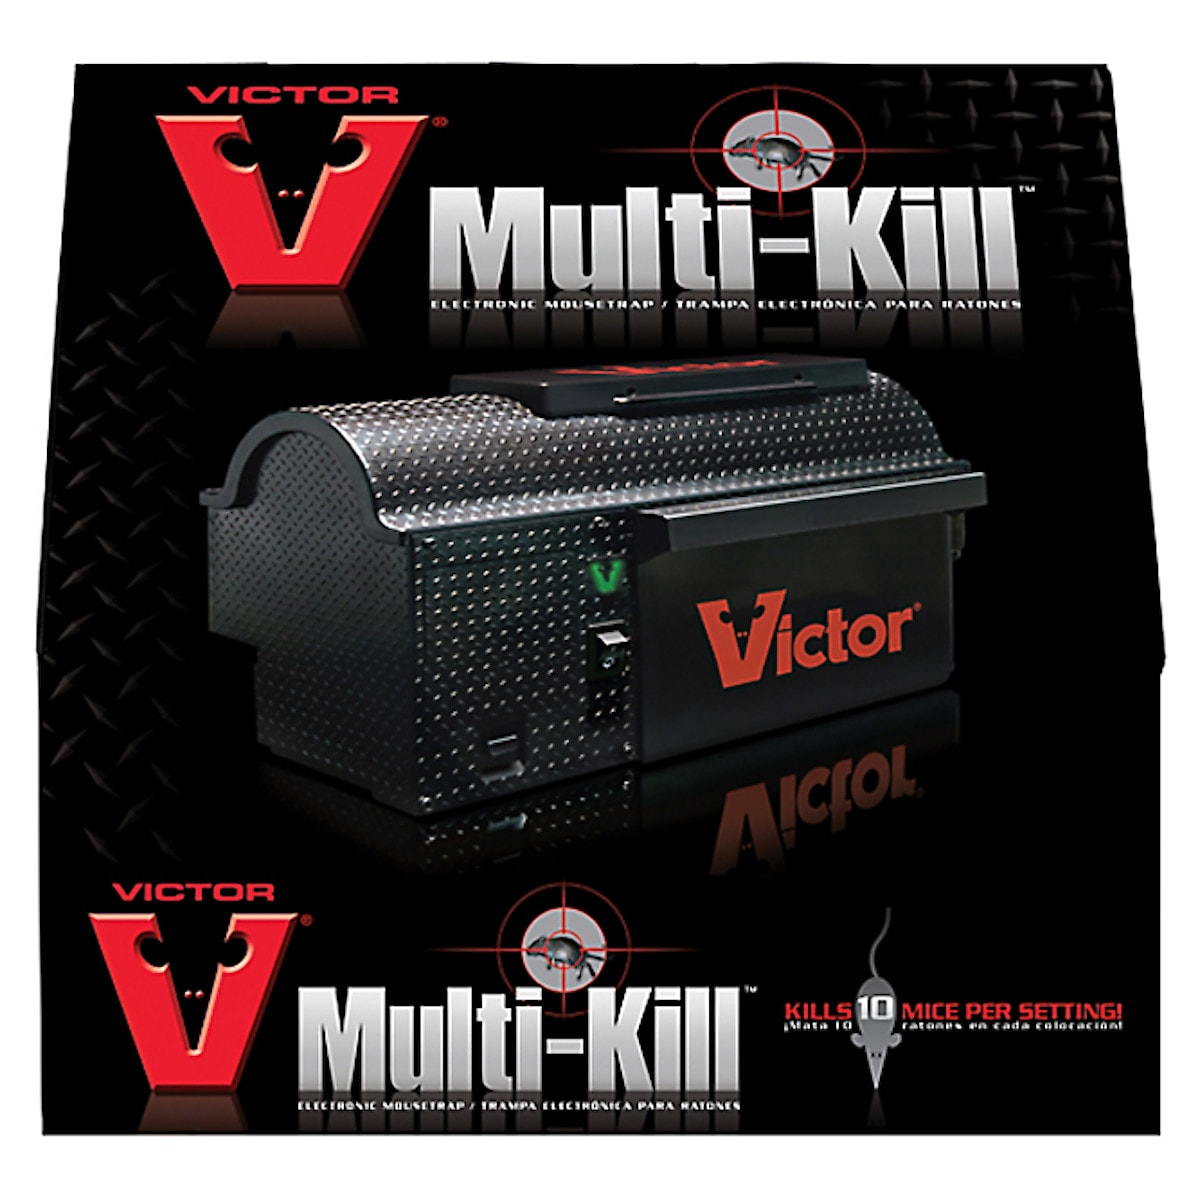 Elektrisk musfälla, Victor Multi-Kill